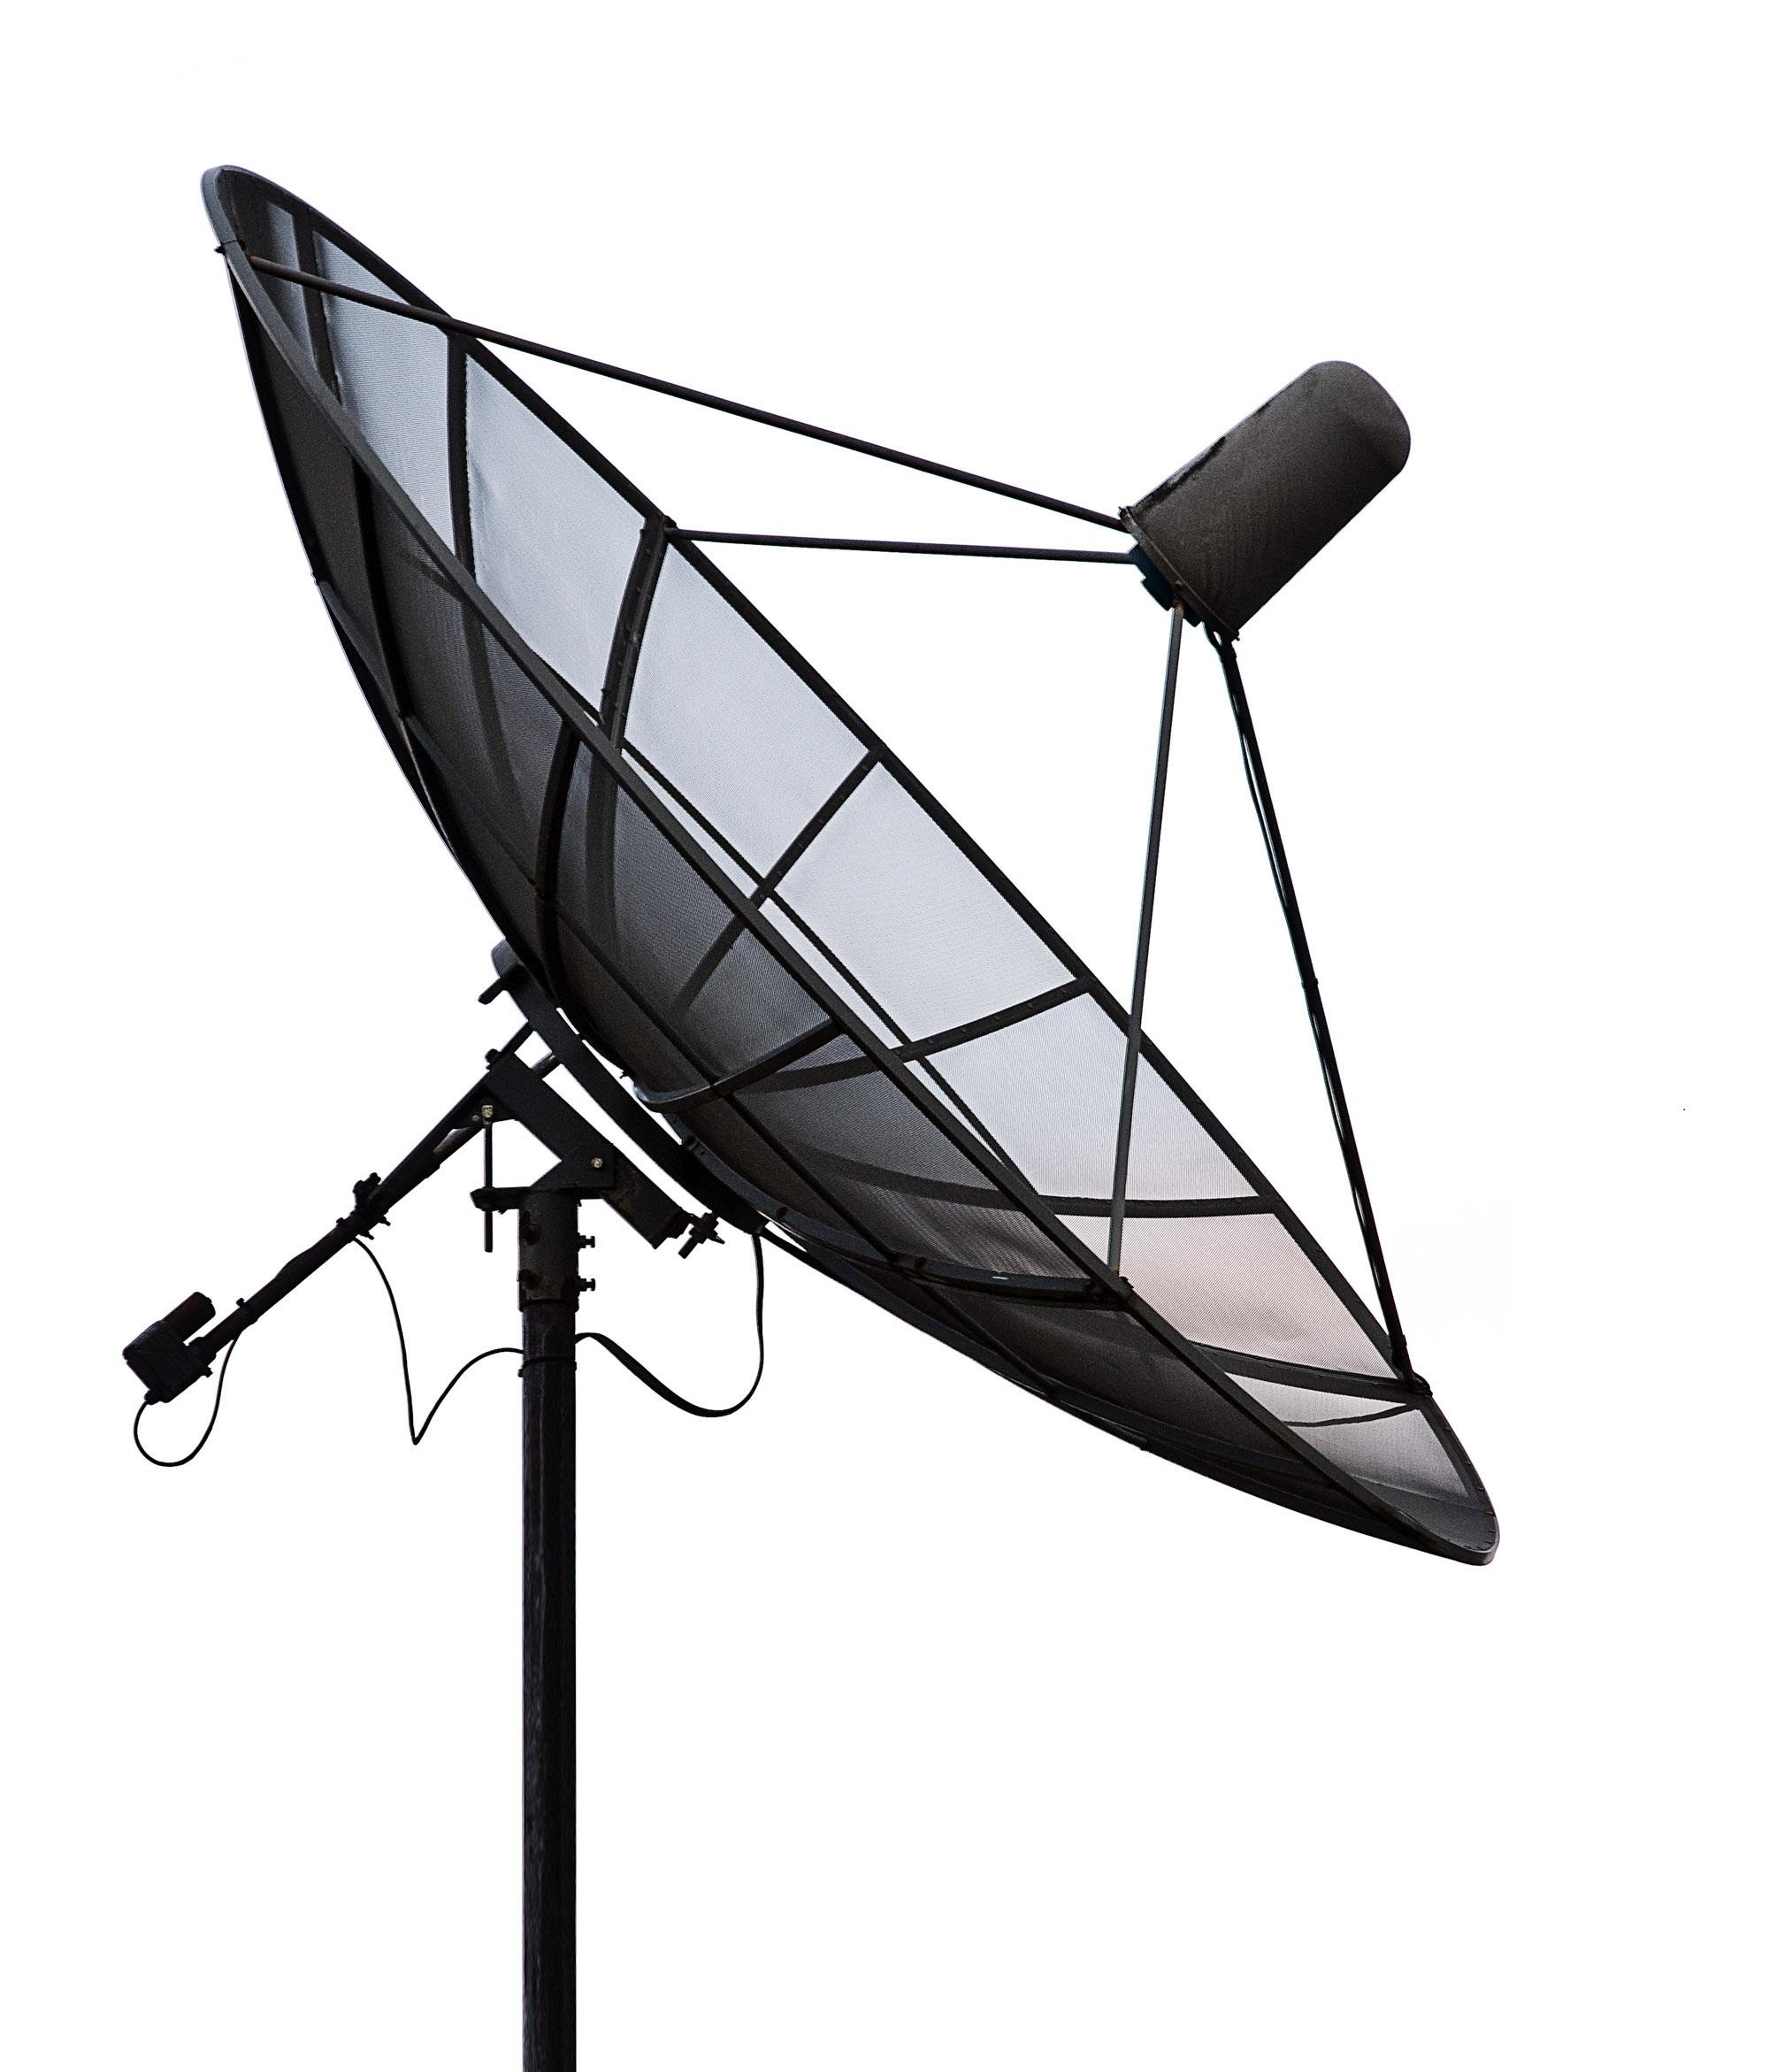 Anten Parabol Comstar 4.5m - ST 15